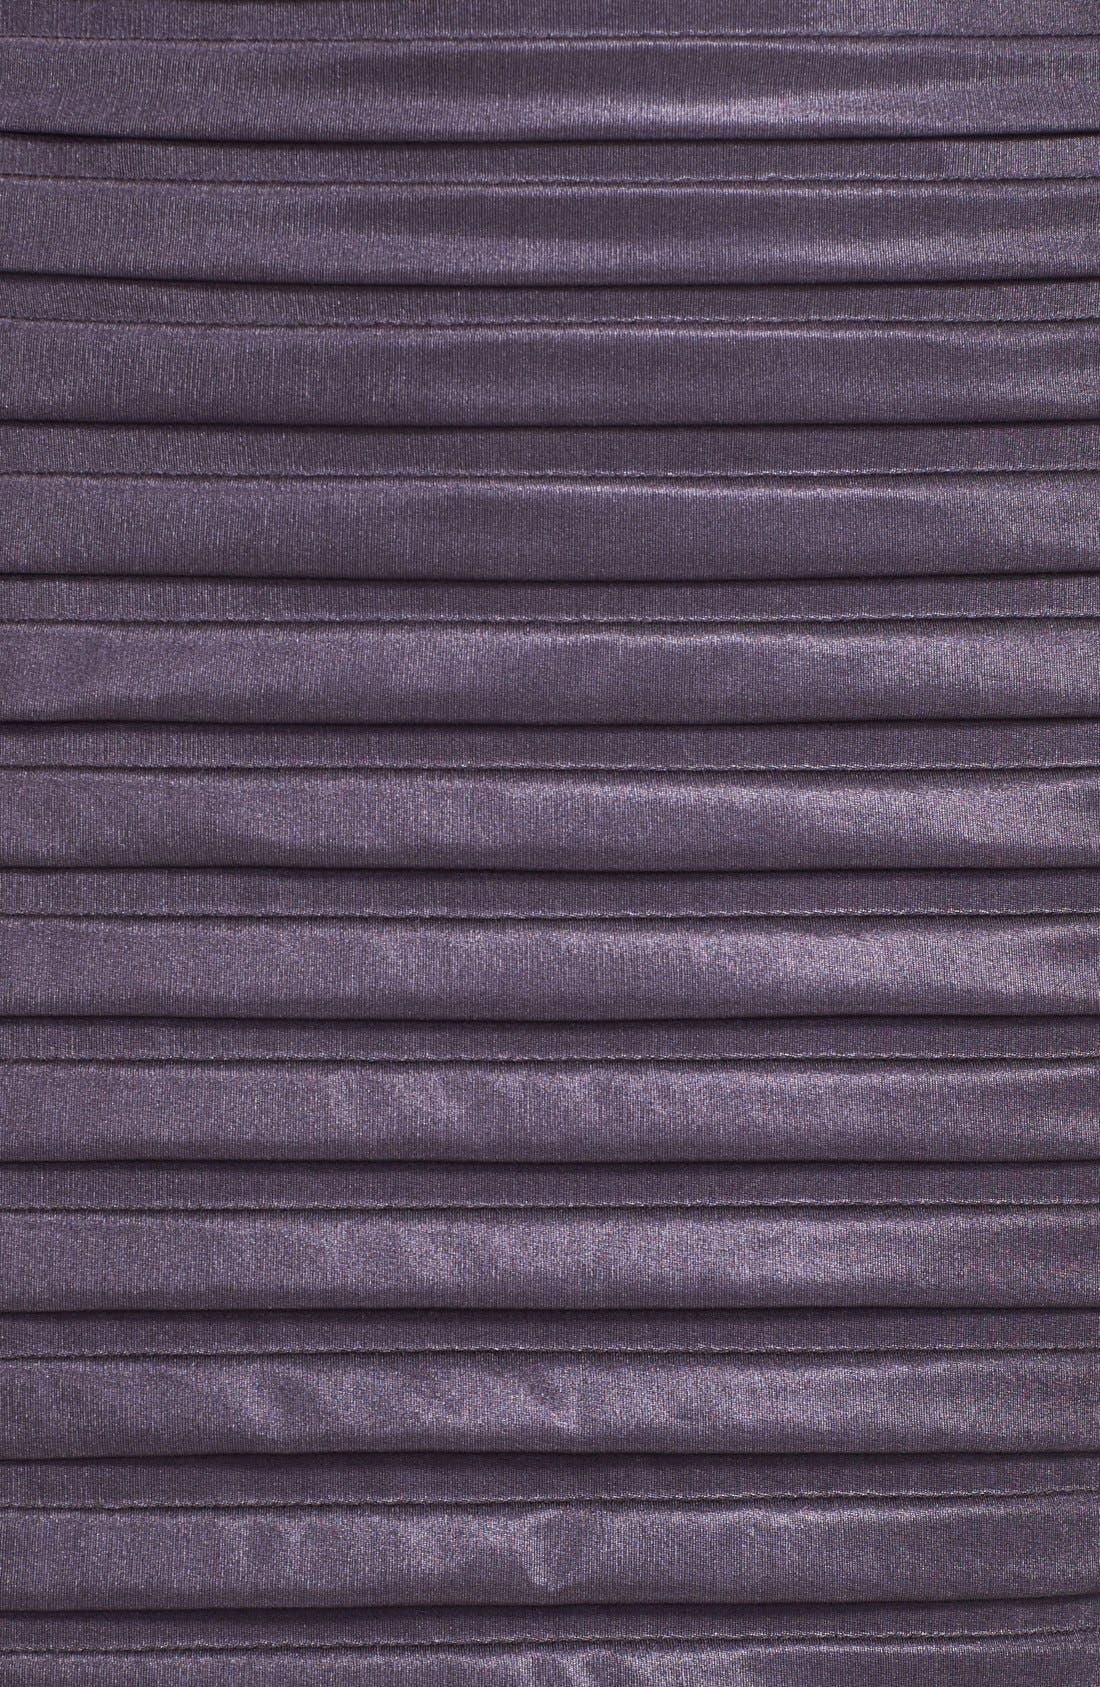 Alternate Image 3  - Adrianna Papell Embellished Illusion Yoke Banded Sheath Dress